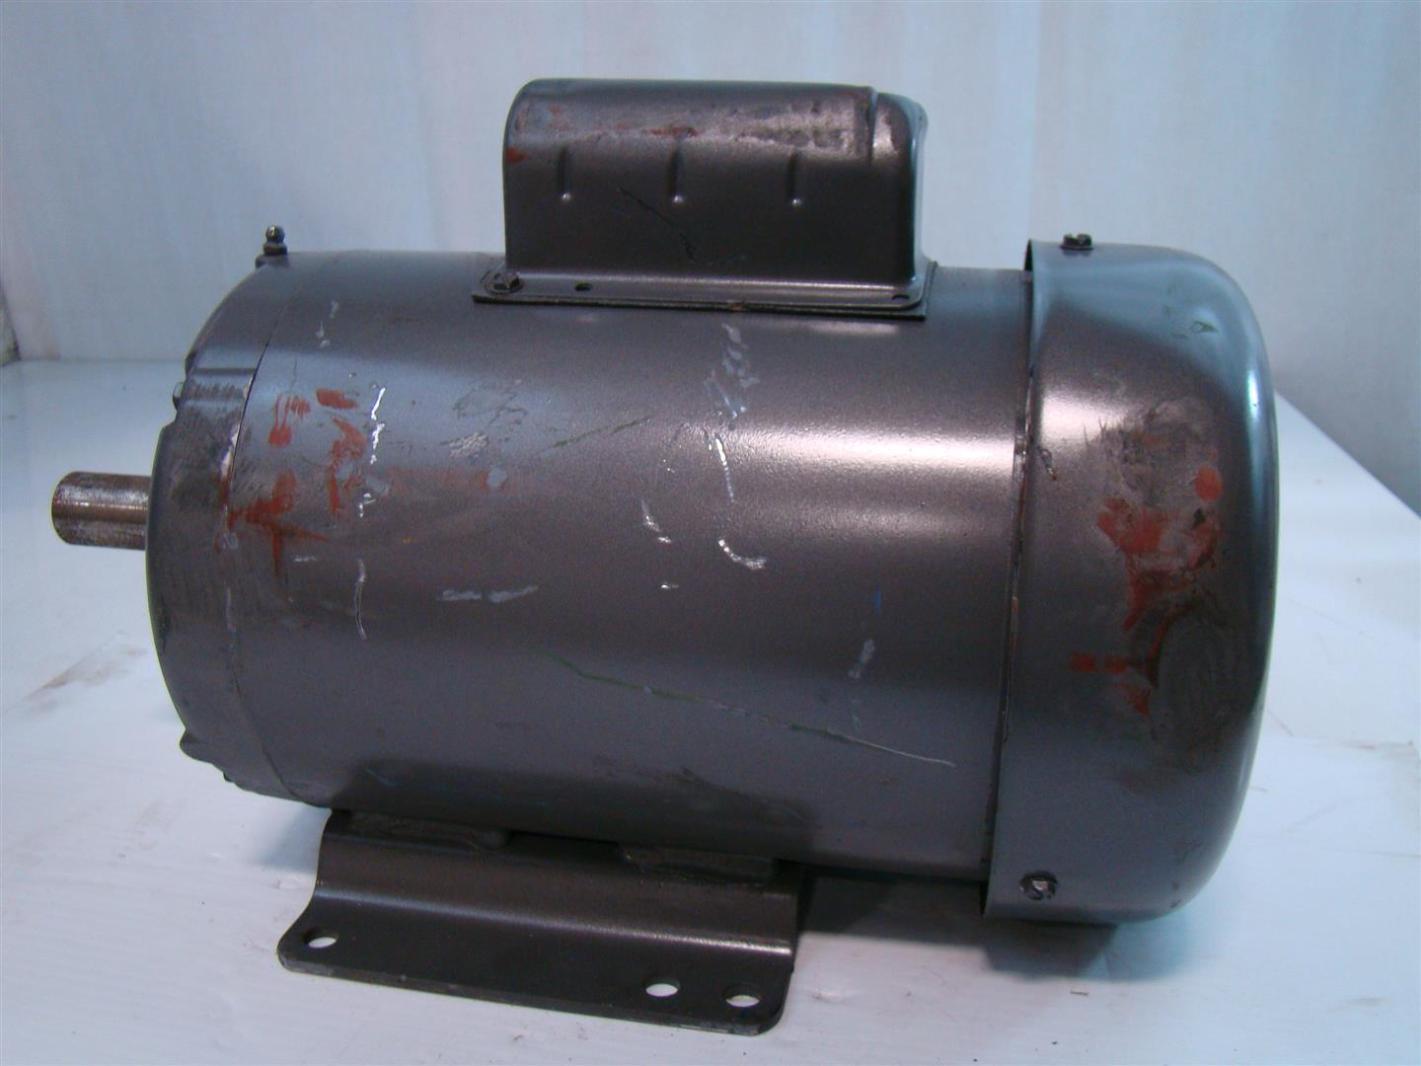 Baldor reliance industrial motor 2hp 115 230v 23 11 5amps Baldor industrial motor pump